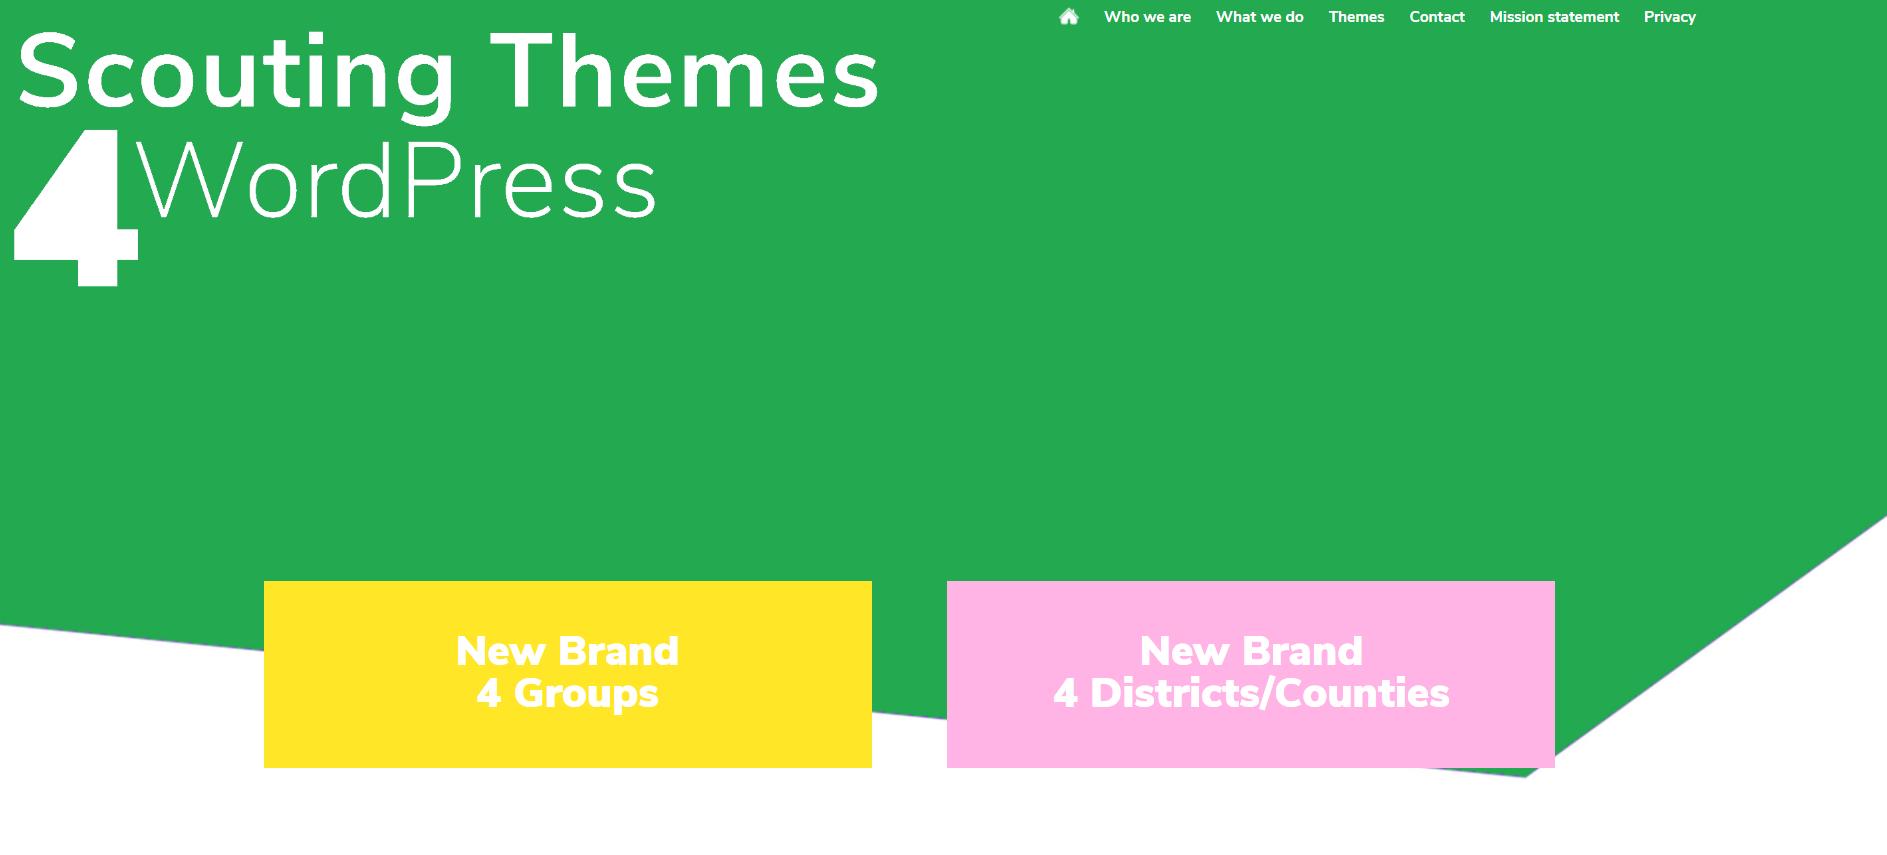 newbrand4groups